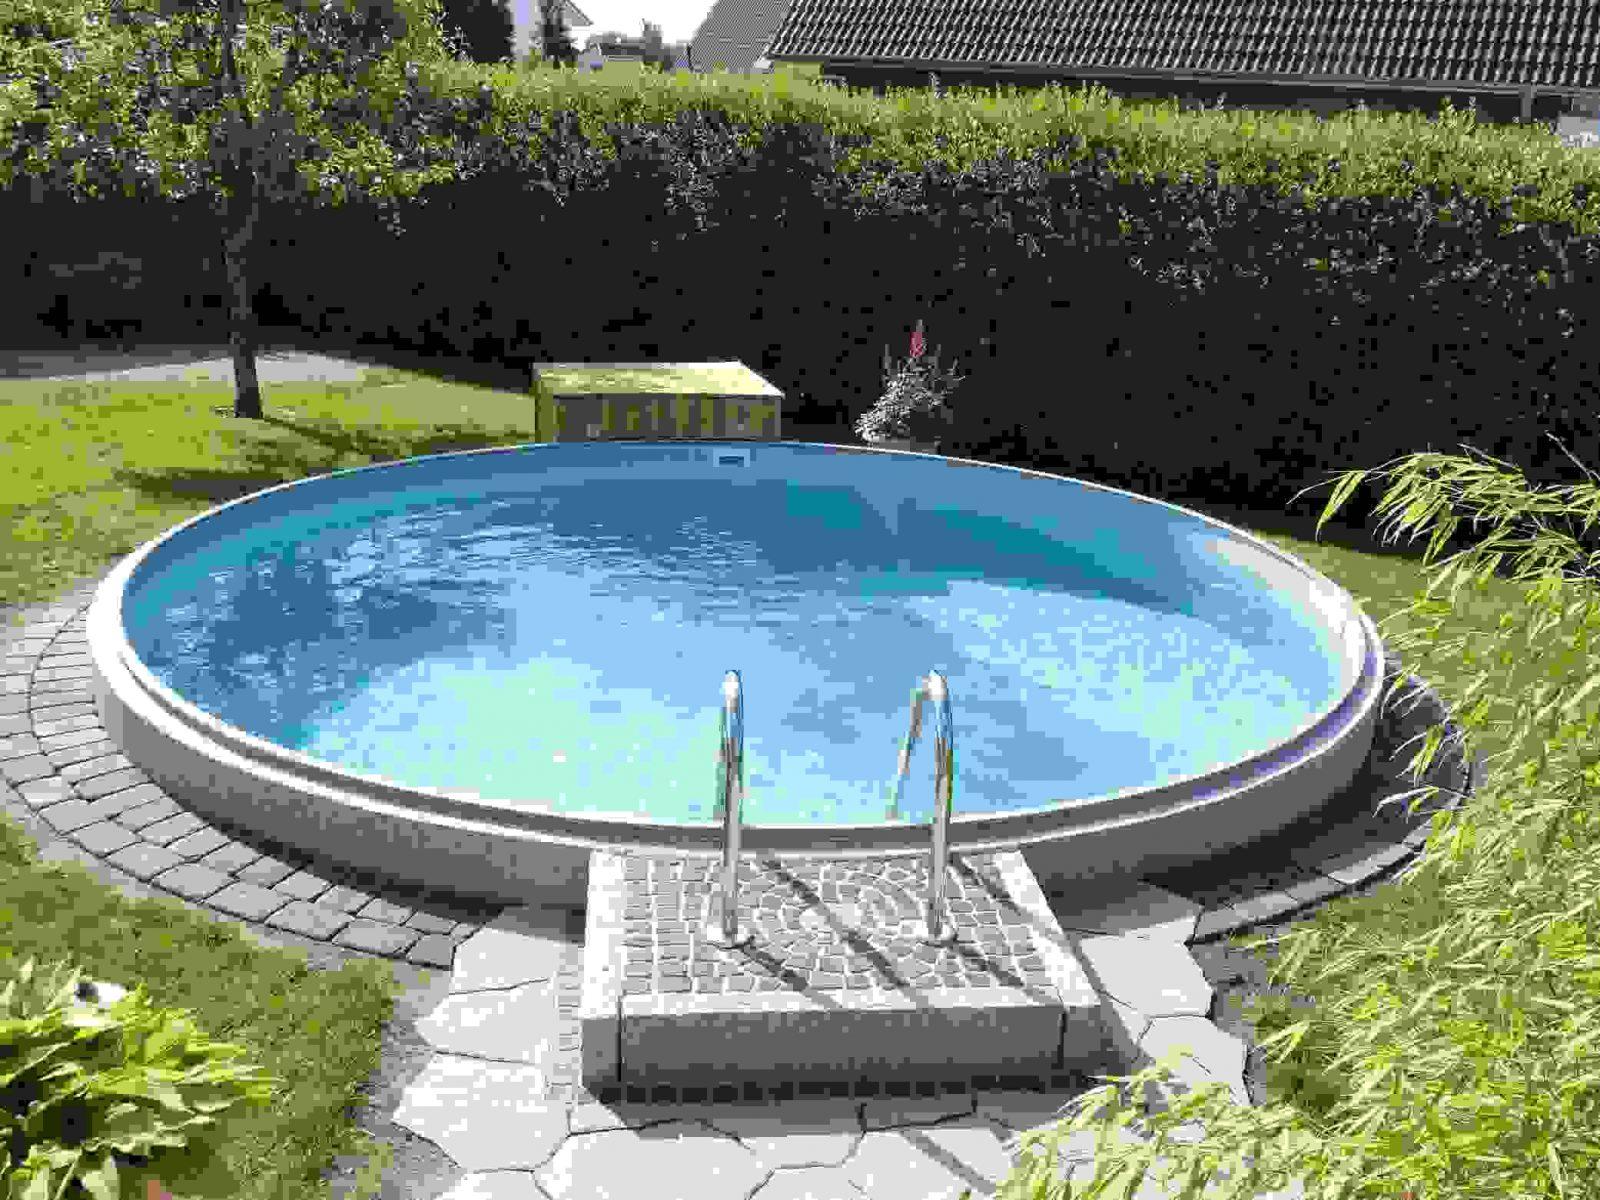 Kleiner Pool Im Garten Idee  Almo Drg von Kleiner Pool Im Garten Selber Bauen Bild